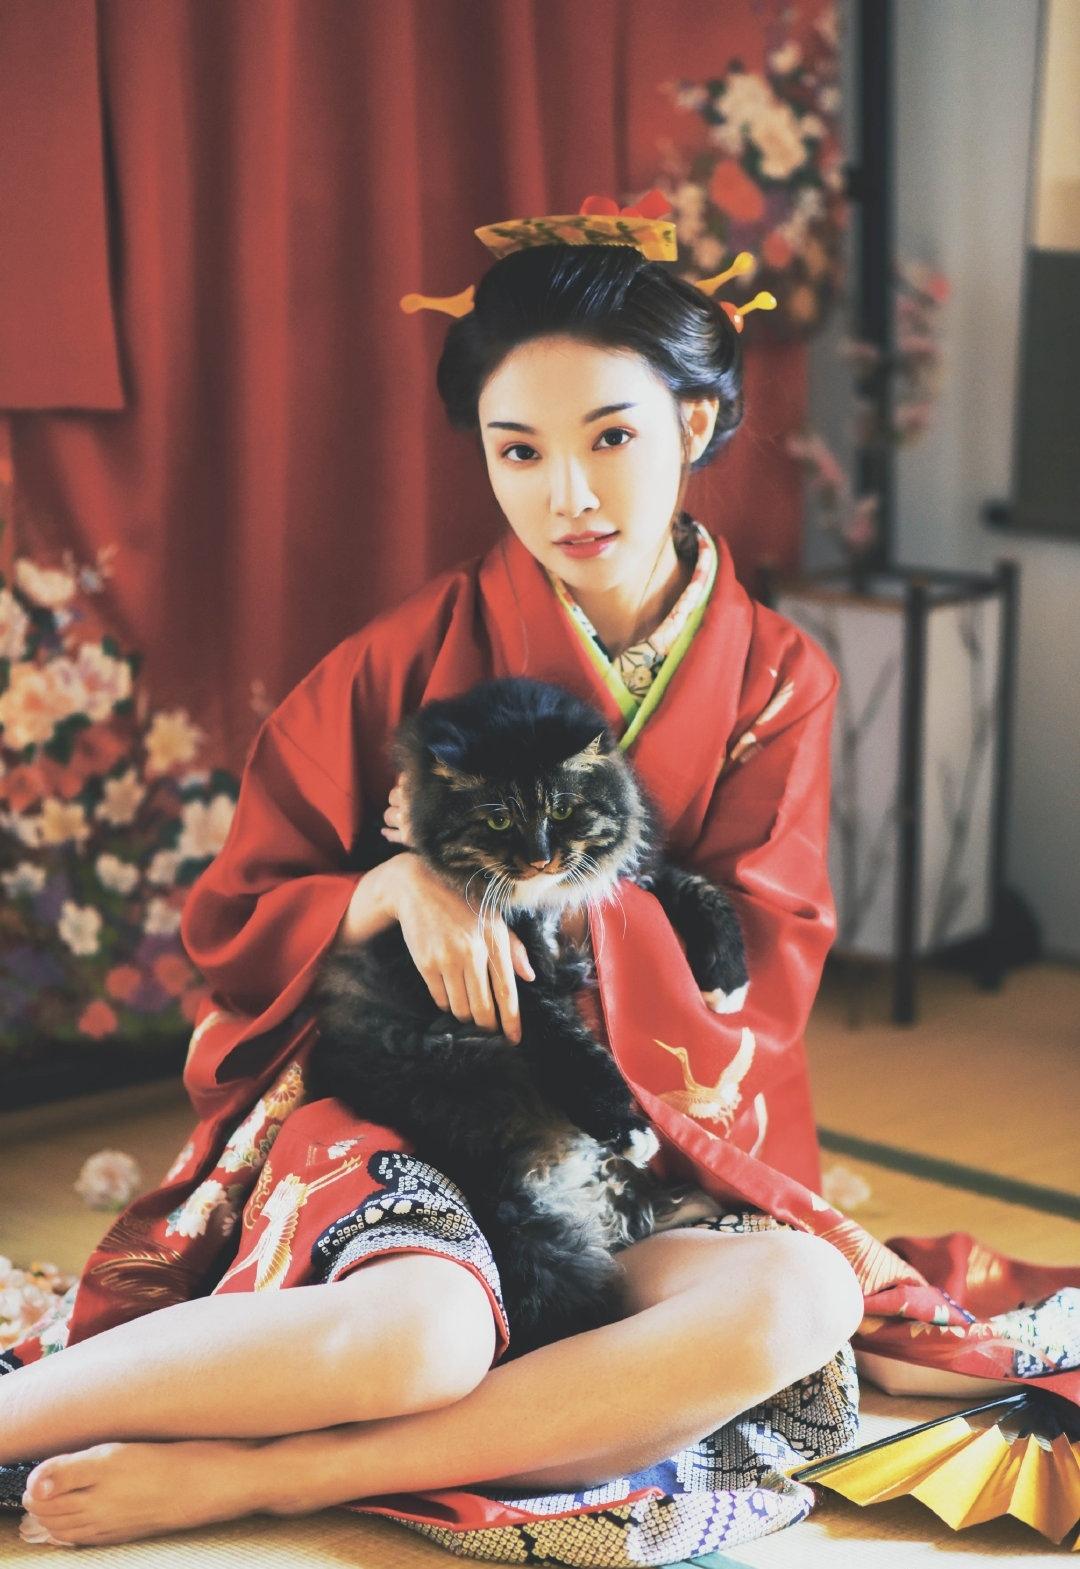 四川外国语大学 漂亮的双子座姑娘 坐标重庆